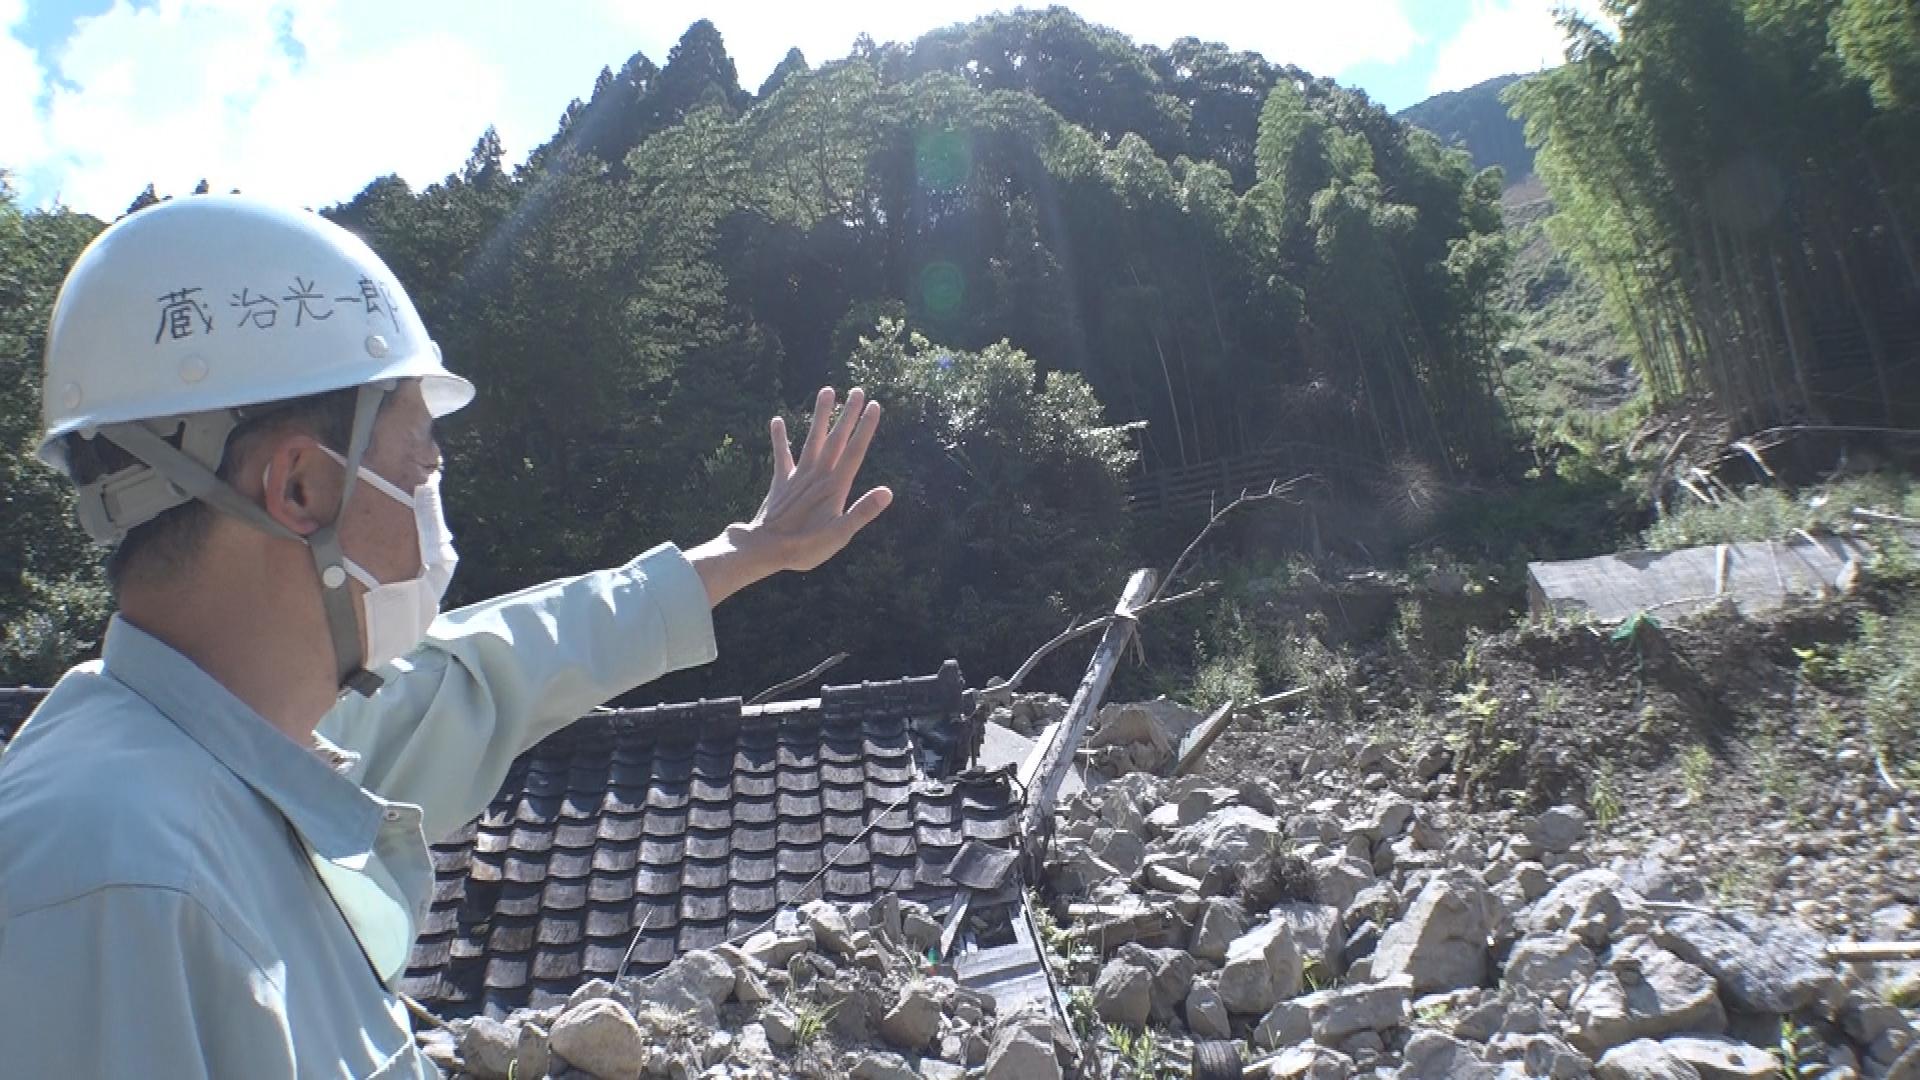 宝の山をどう生かす 森林大国・日本 飛躍のカギは